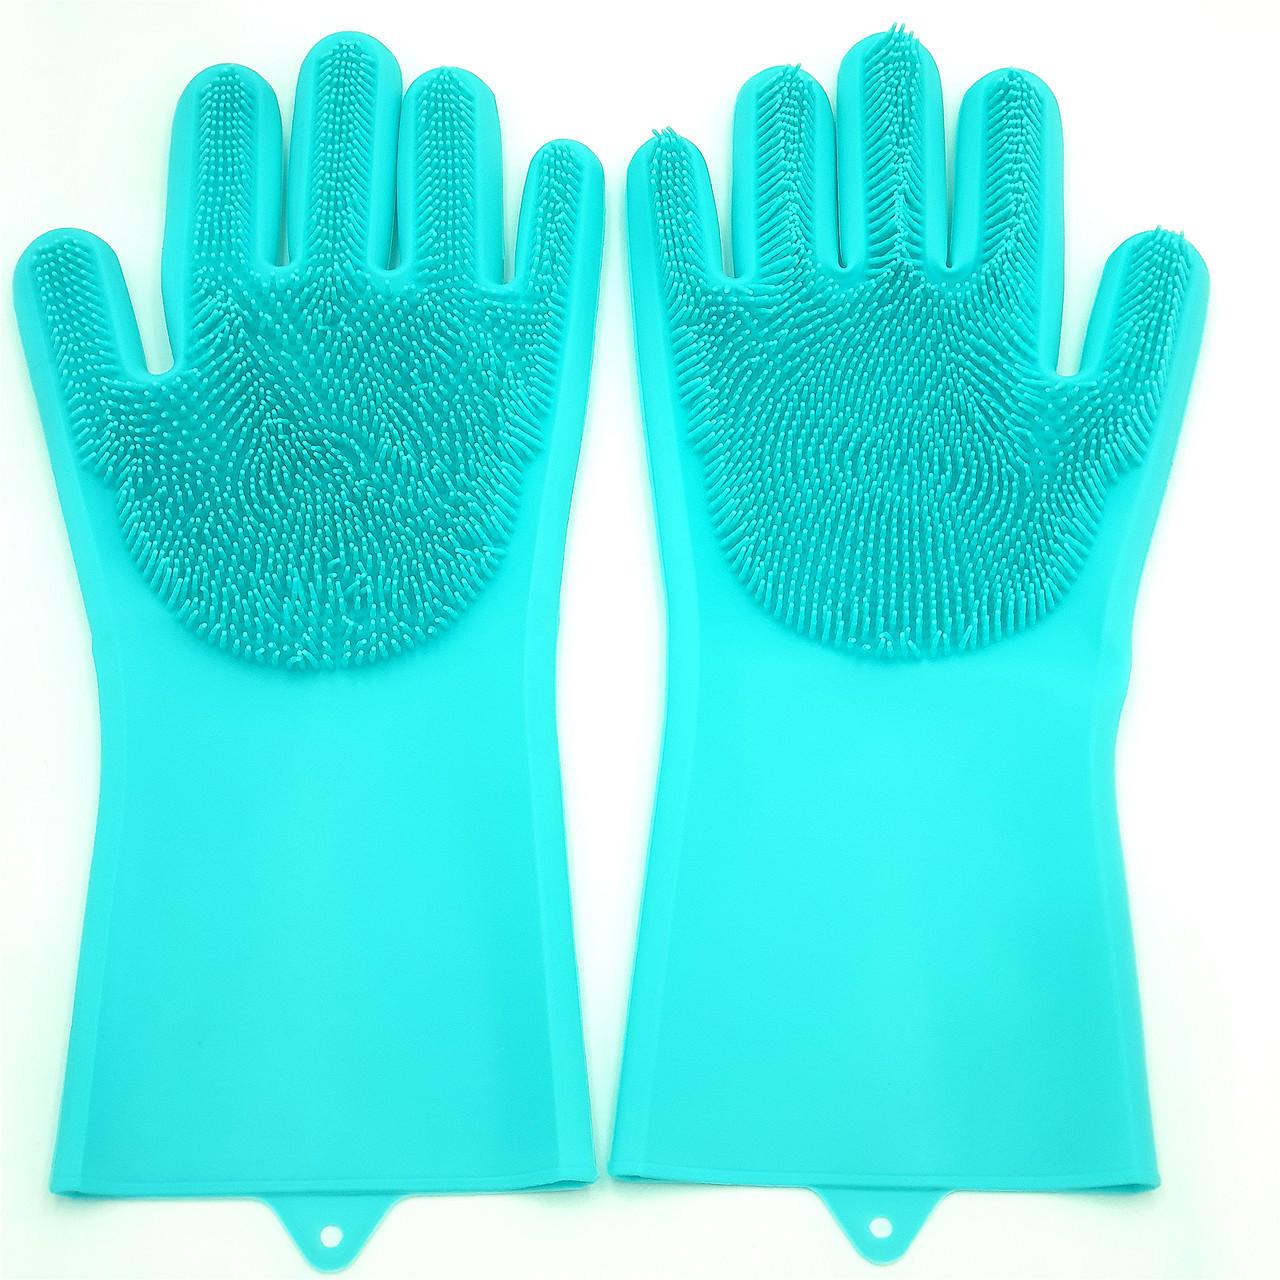 Силиконовые перчатки для мытья посуды Super Gloves (в коробке)